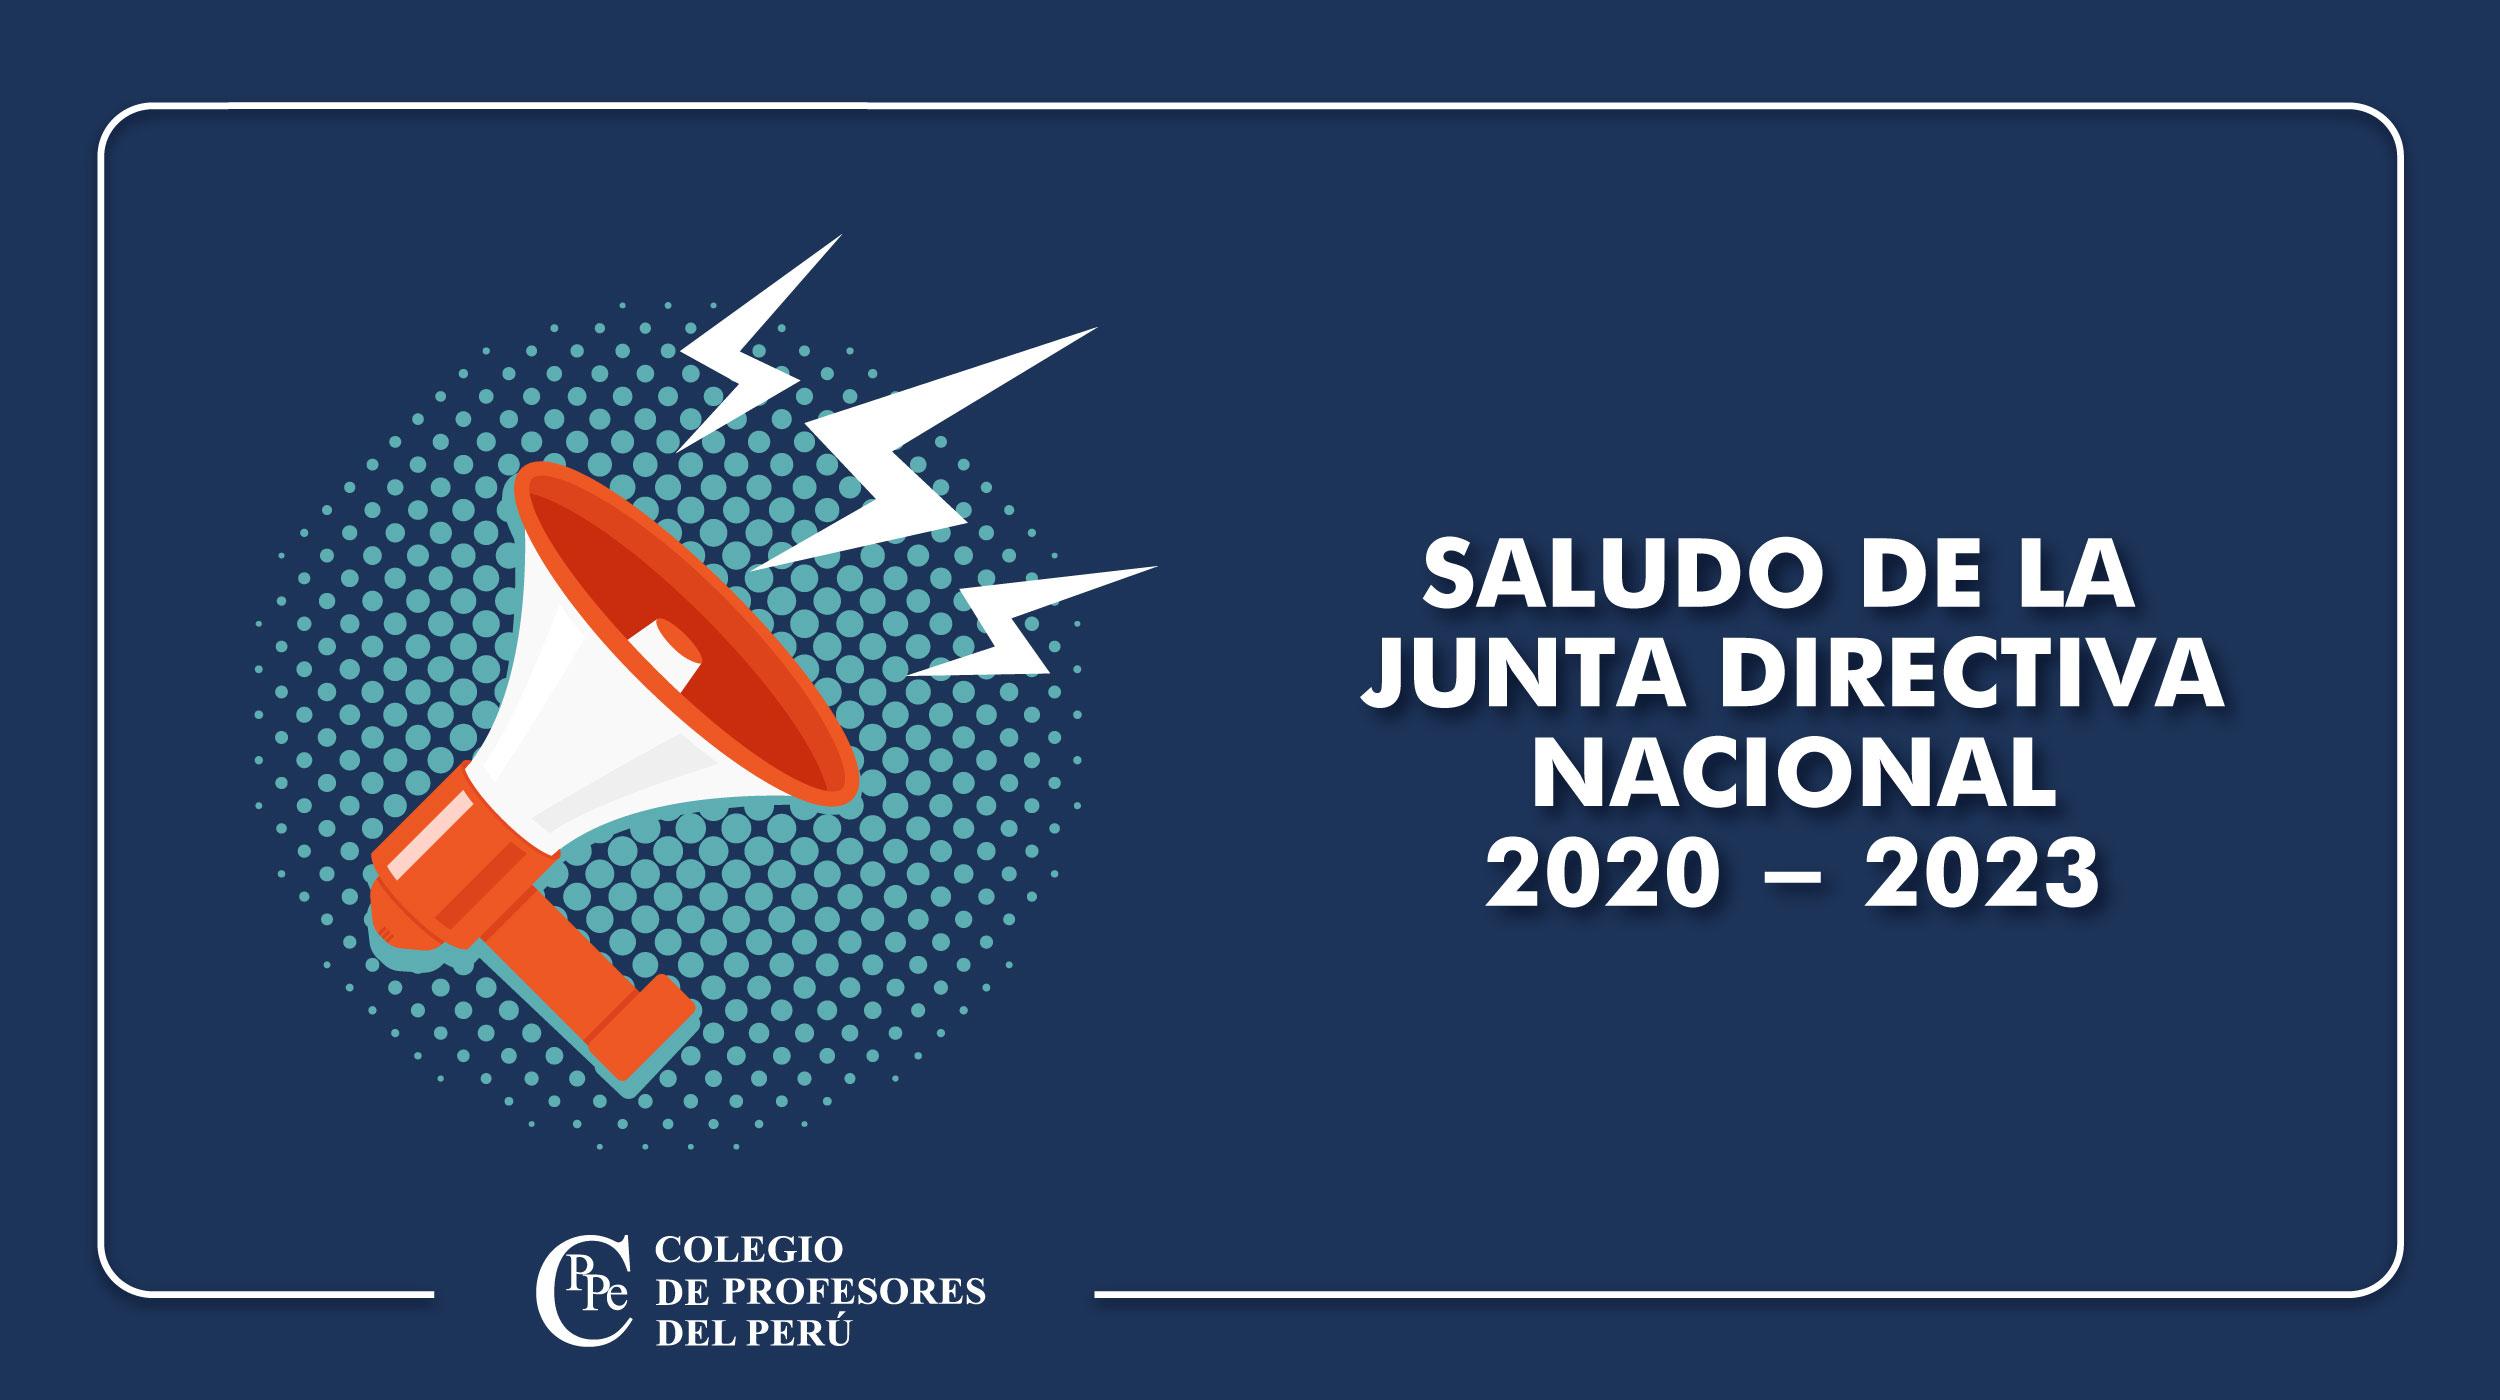 COLEGIO DE PROFESORES DEL PERÚ RENOVÓ JUNTA DIRECTIVA NACIONAL PARA EL PERIODO 2020 – 2023.